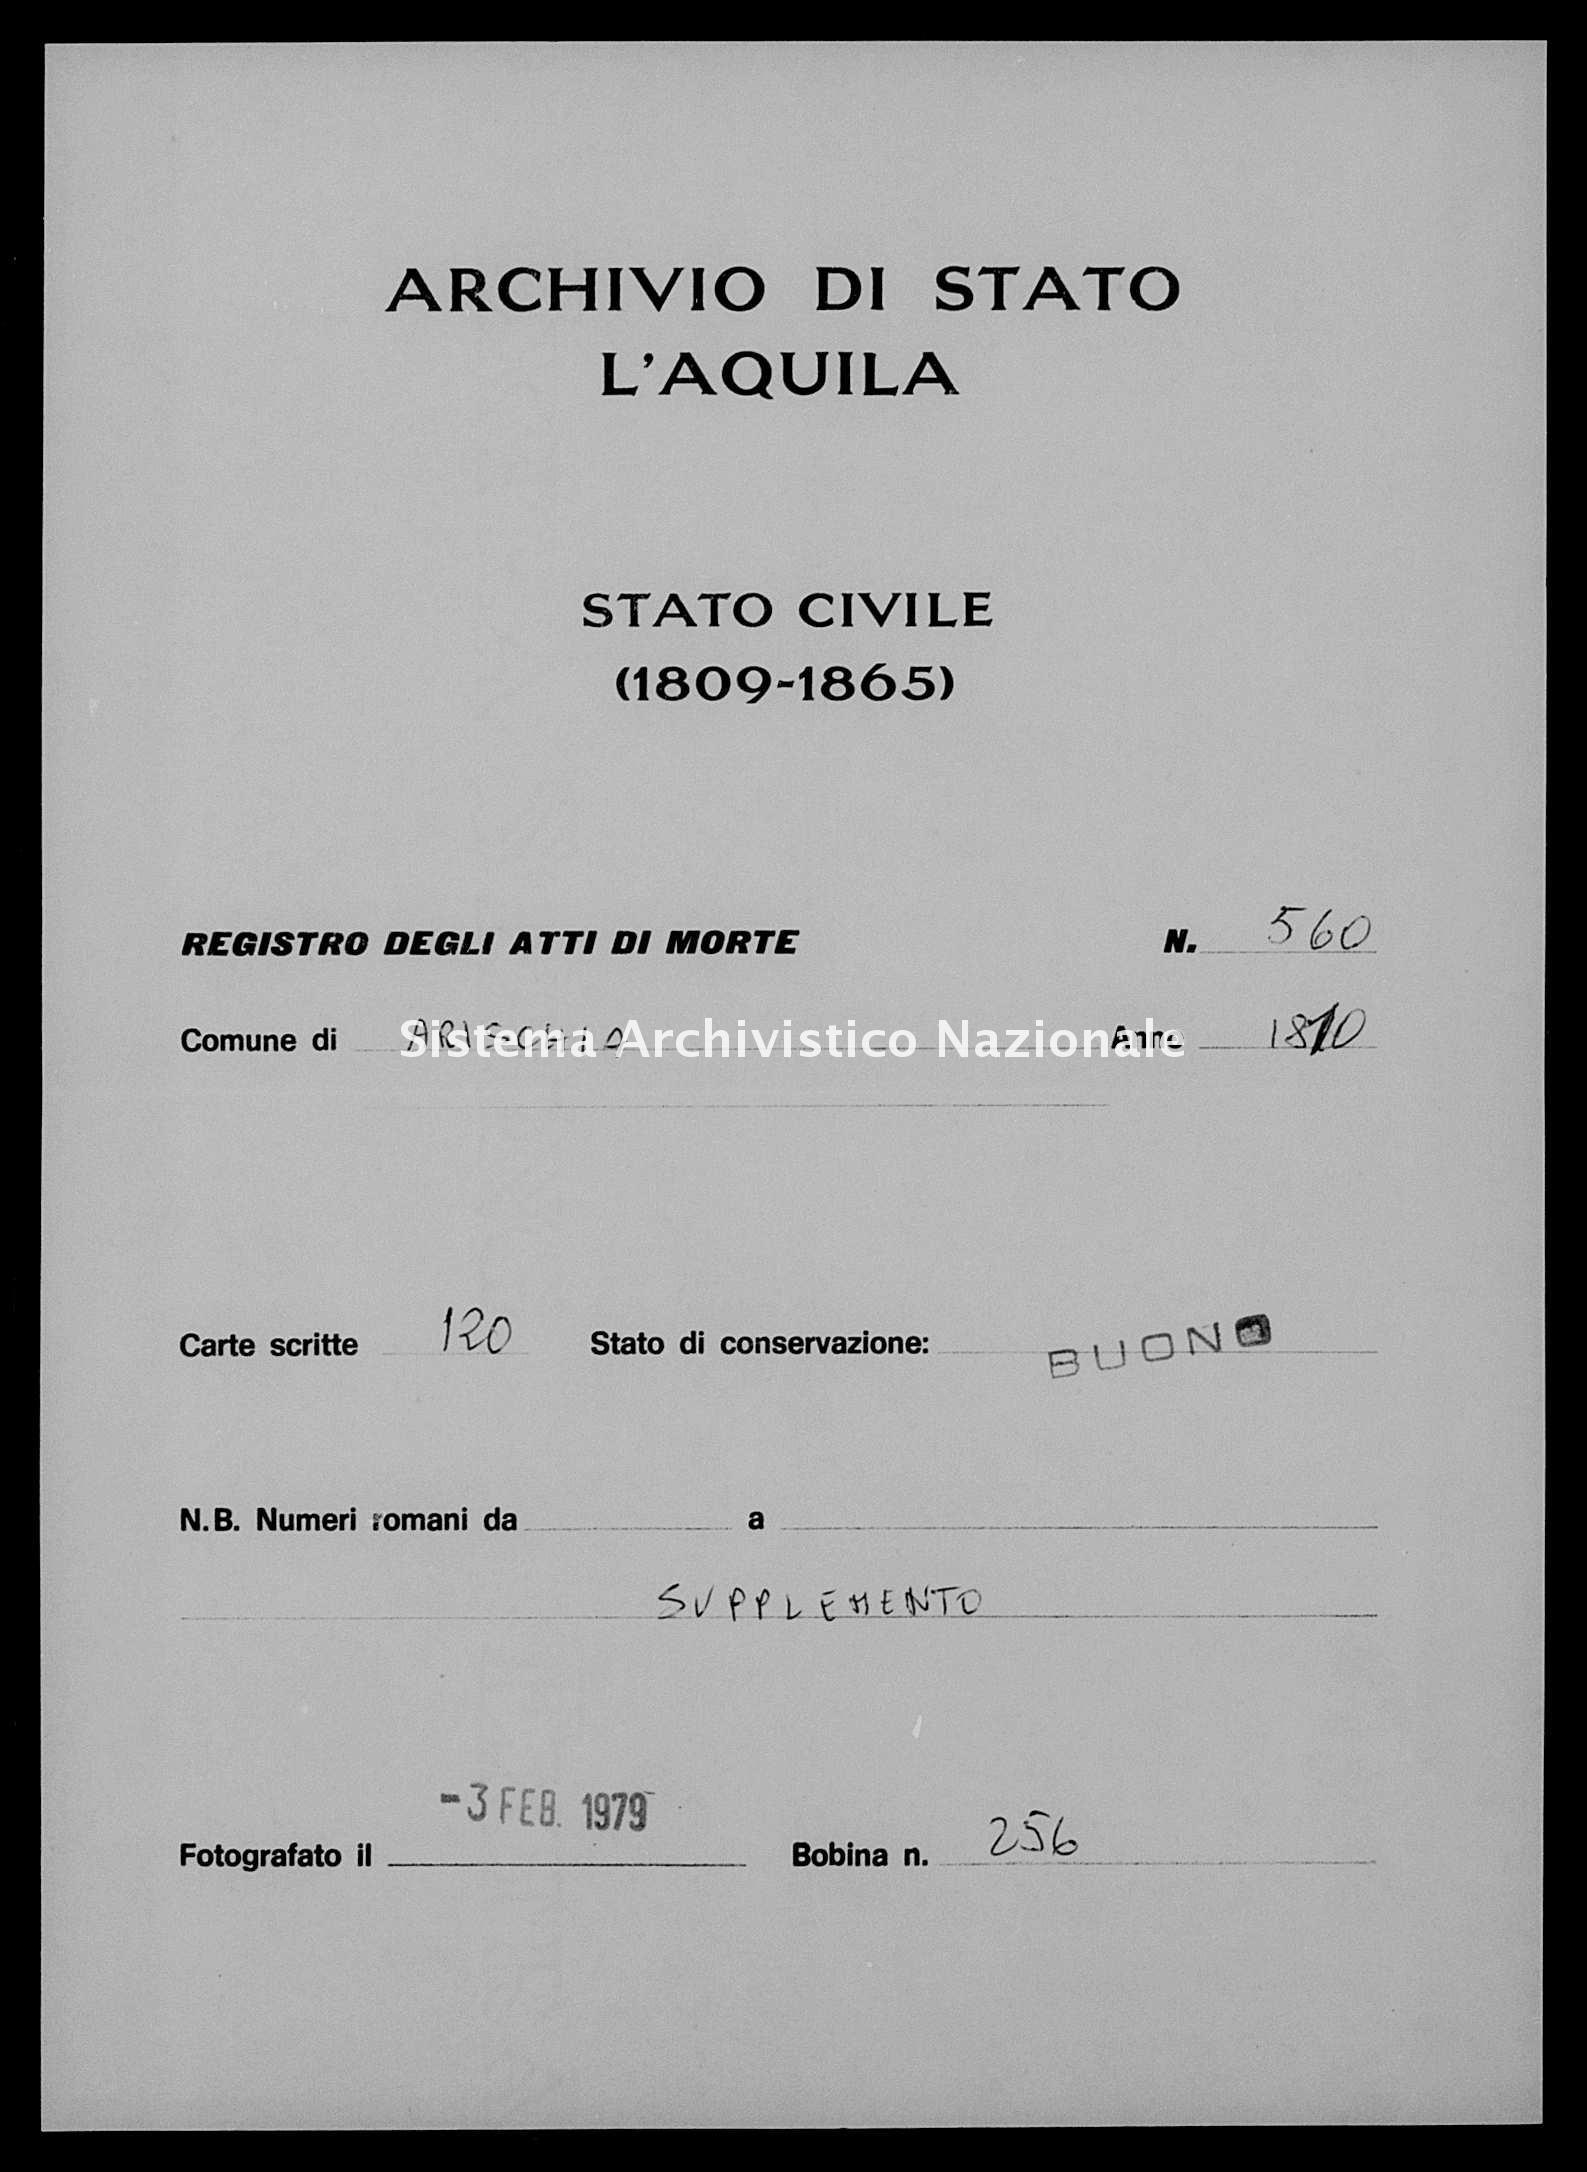 Archivio di stato di L'aquila - Stato civile napoleonico - Arischia - Morti, sepoltura - 1810 - 560 -